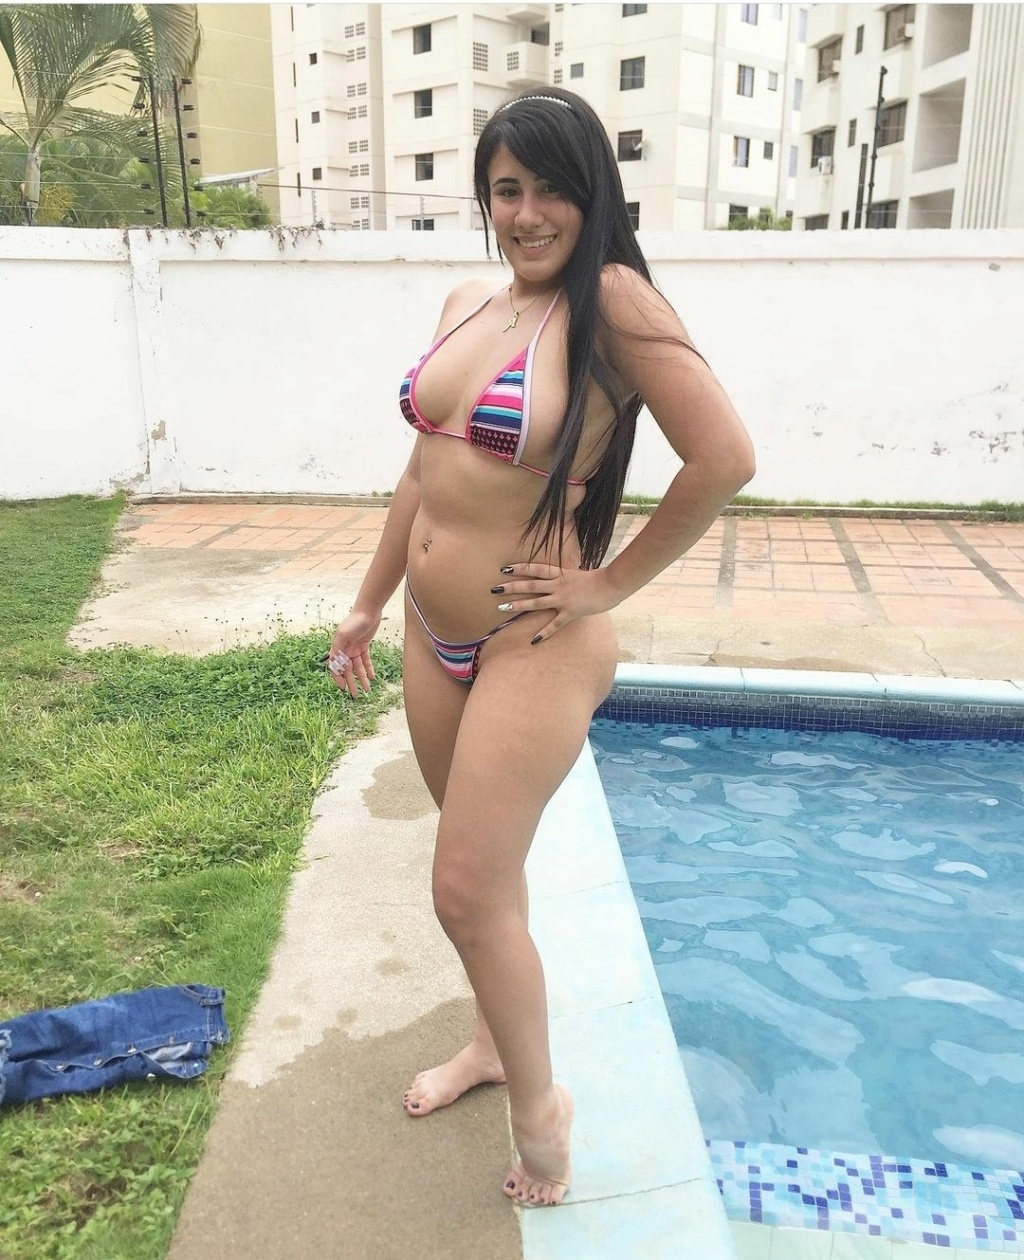 DEBATE sobre belleza, guapura y hermosura (fotos de chicas latinas, mestizas, y de todo) - VOL II - Página 15 Img_1067